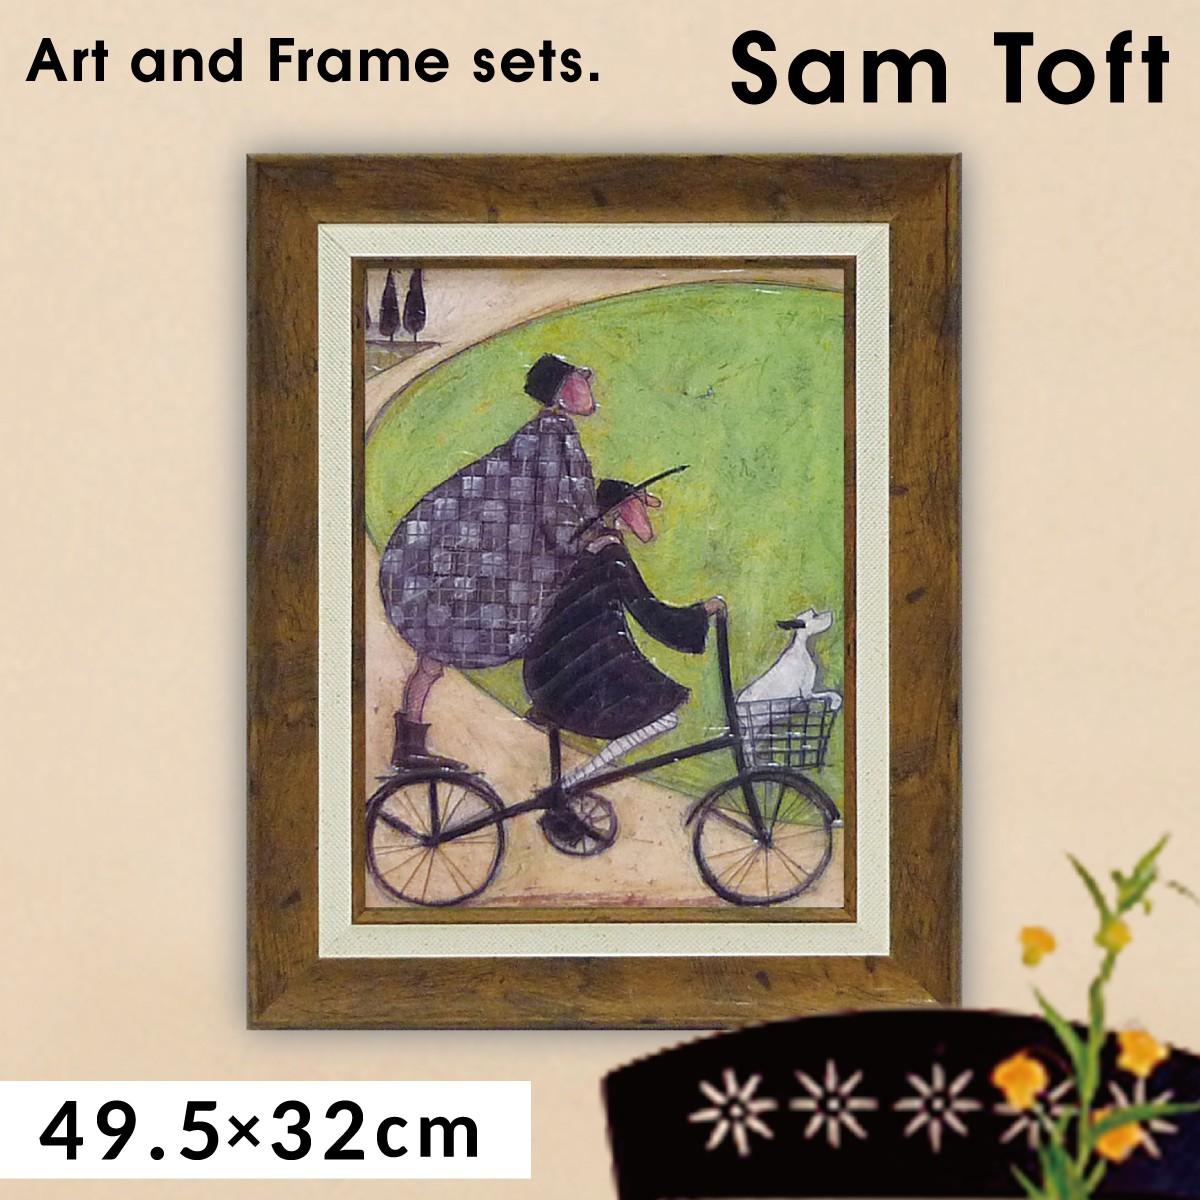 絵画 絵 アート アートフレーム サムトフト 二人乗り ST-05814 誕生日 クリスマス